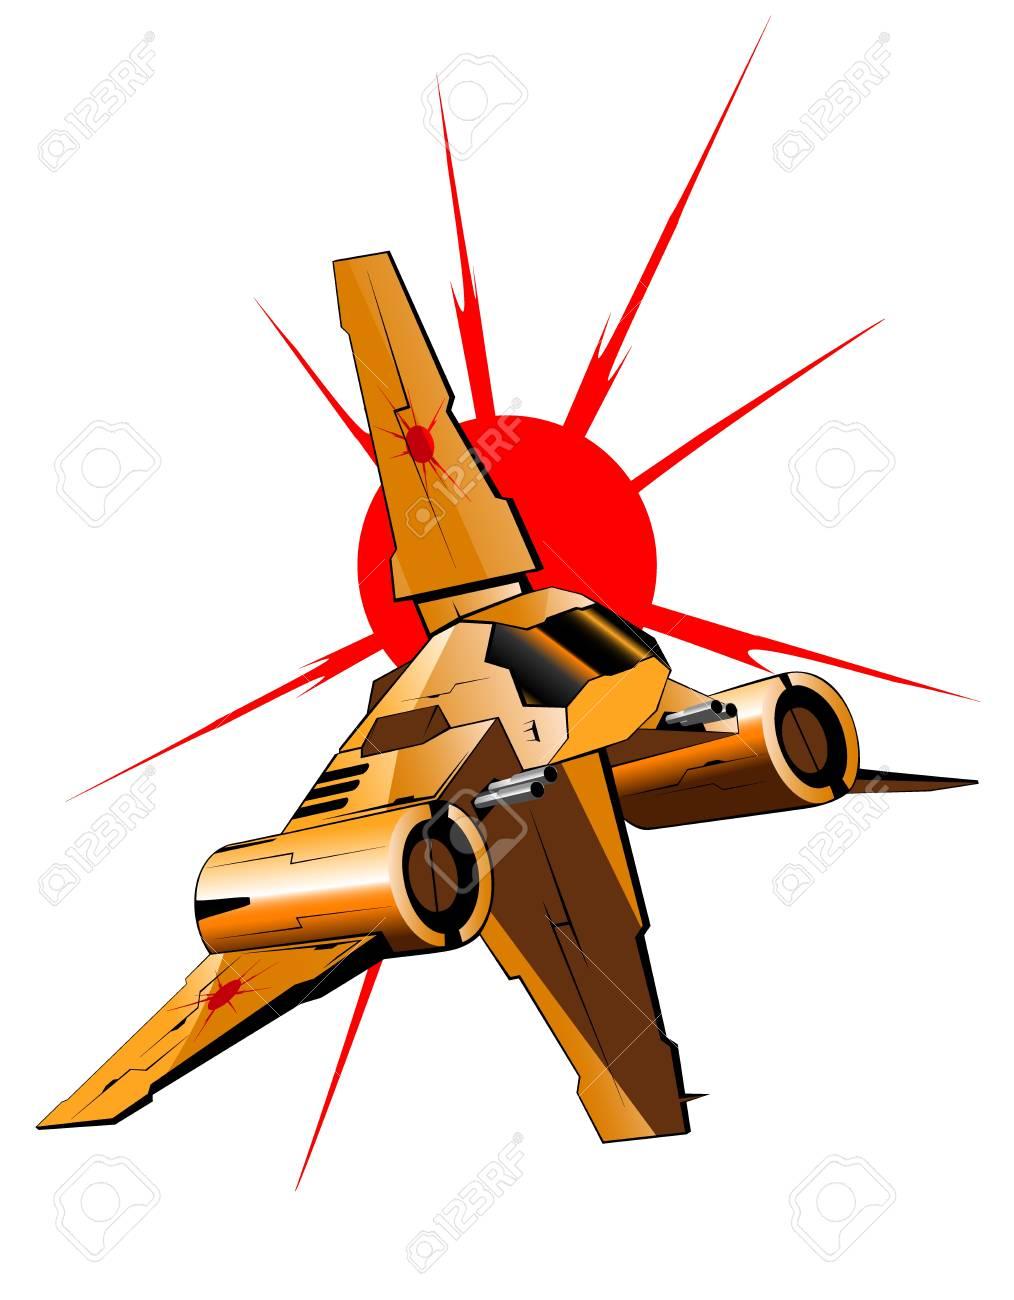 illustration of futuristic spaceship - 16878366